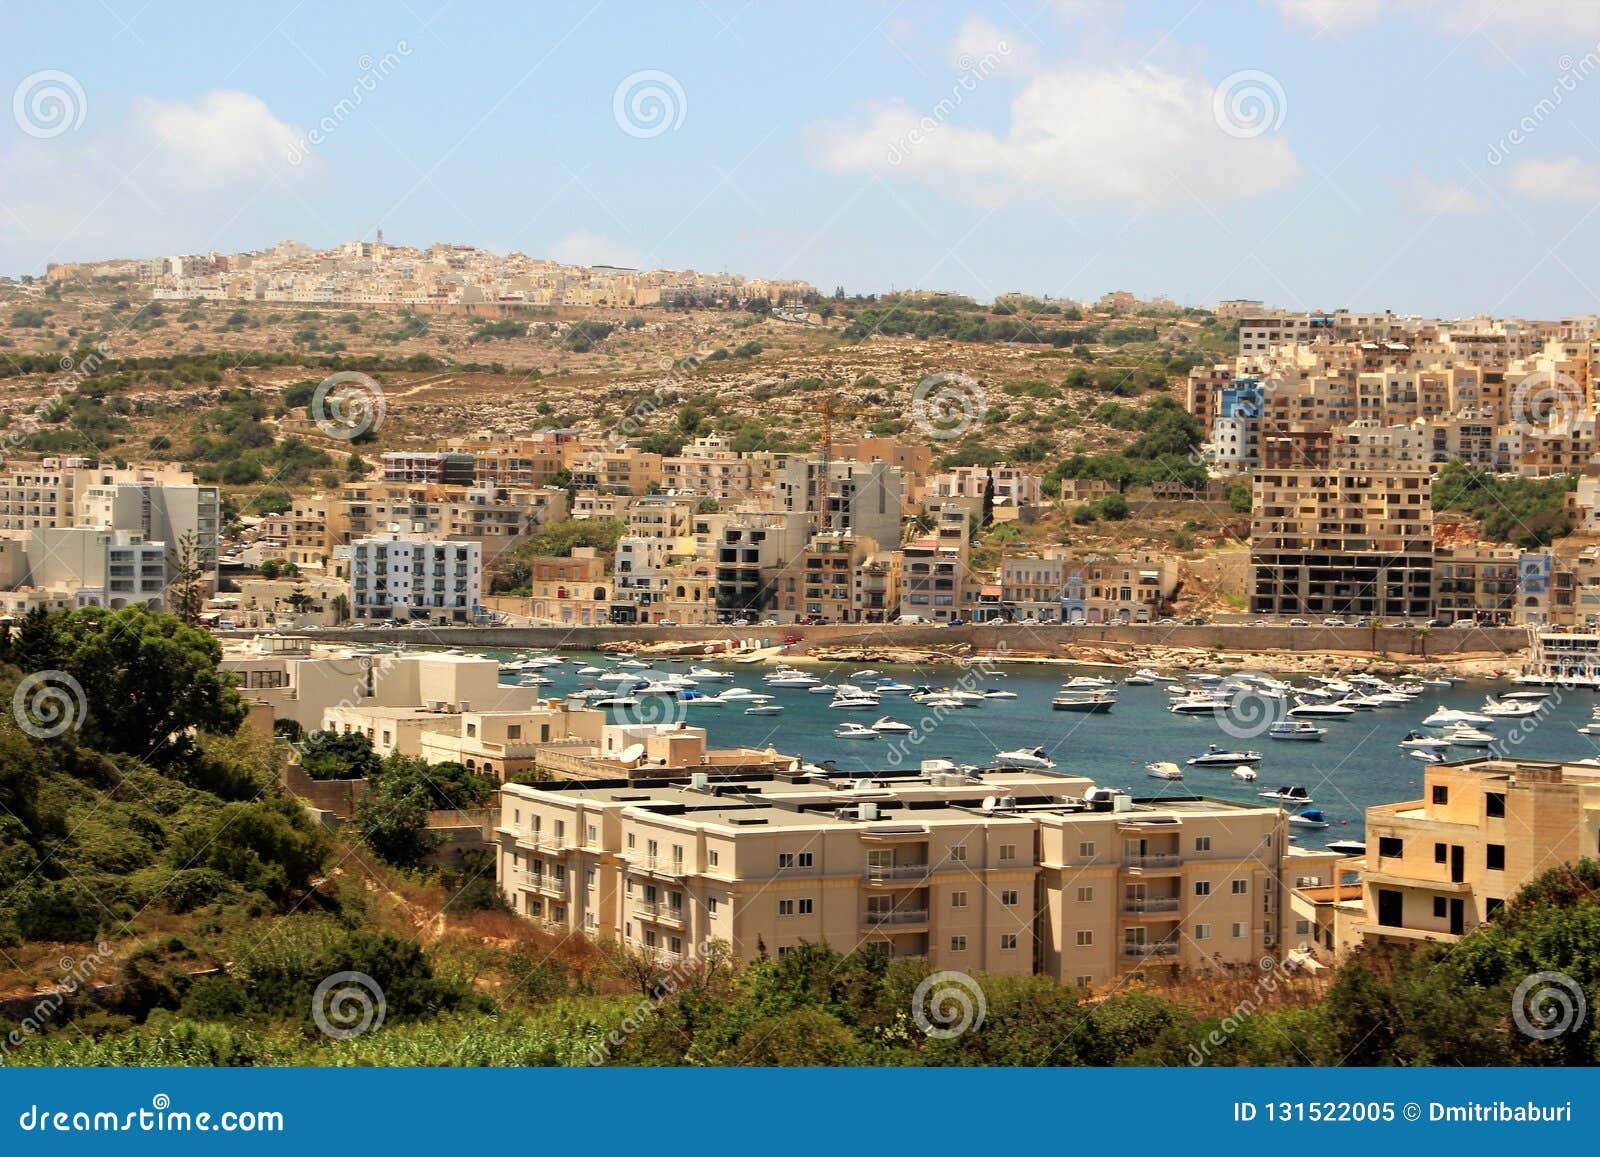 Mooie mening van de stad van de kusttoevlucht op het uiteinde van het Eiland Malta